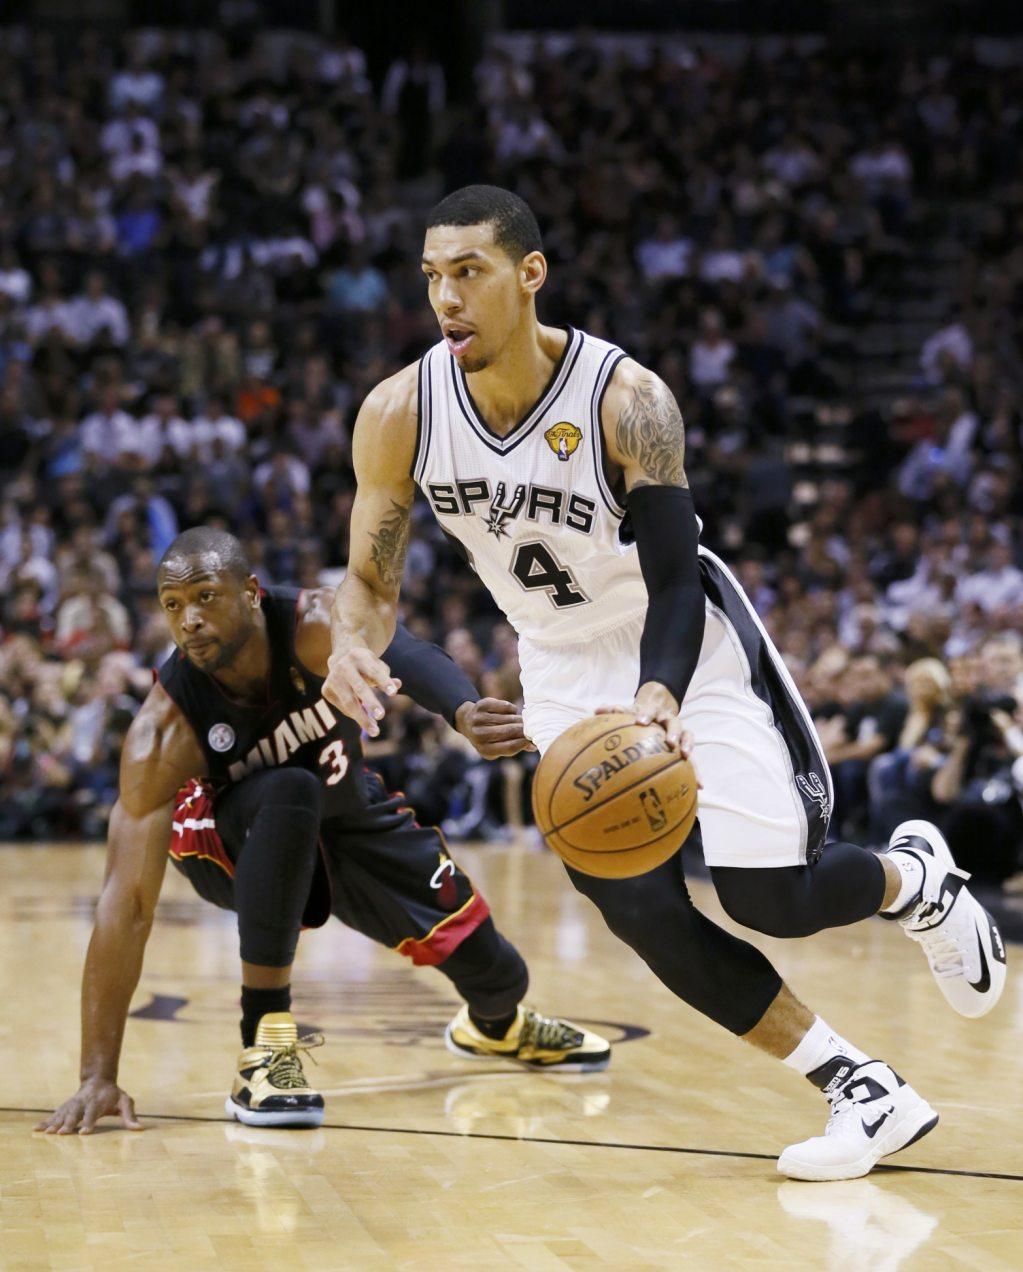 San Antonio Spurs Nba: BADBOYS DELUXE: DANNY GREEN -SAN ANTONIO SPURS NBA